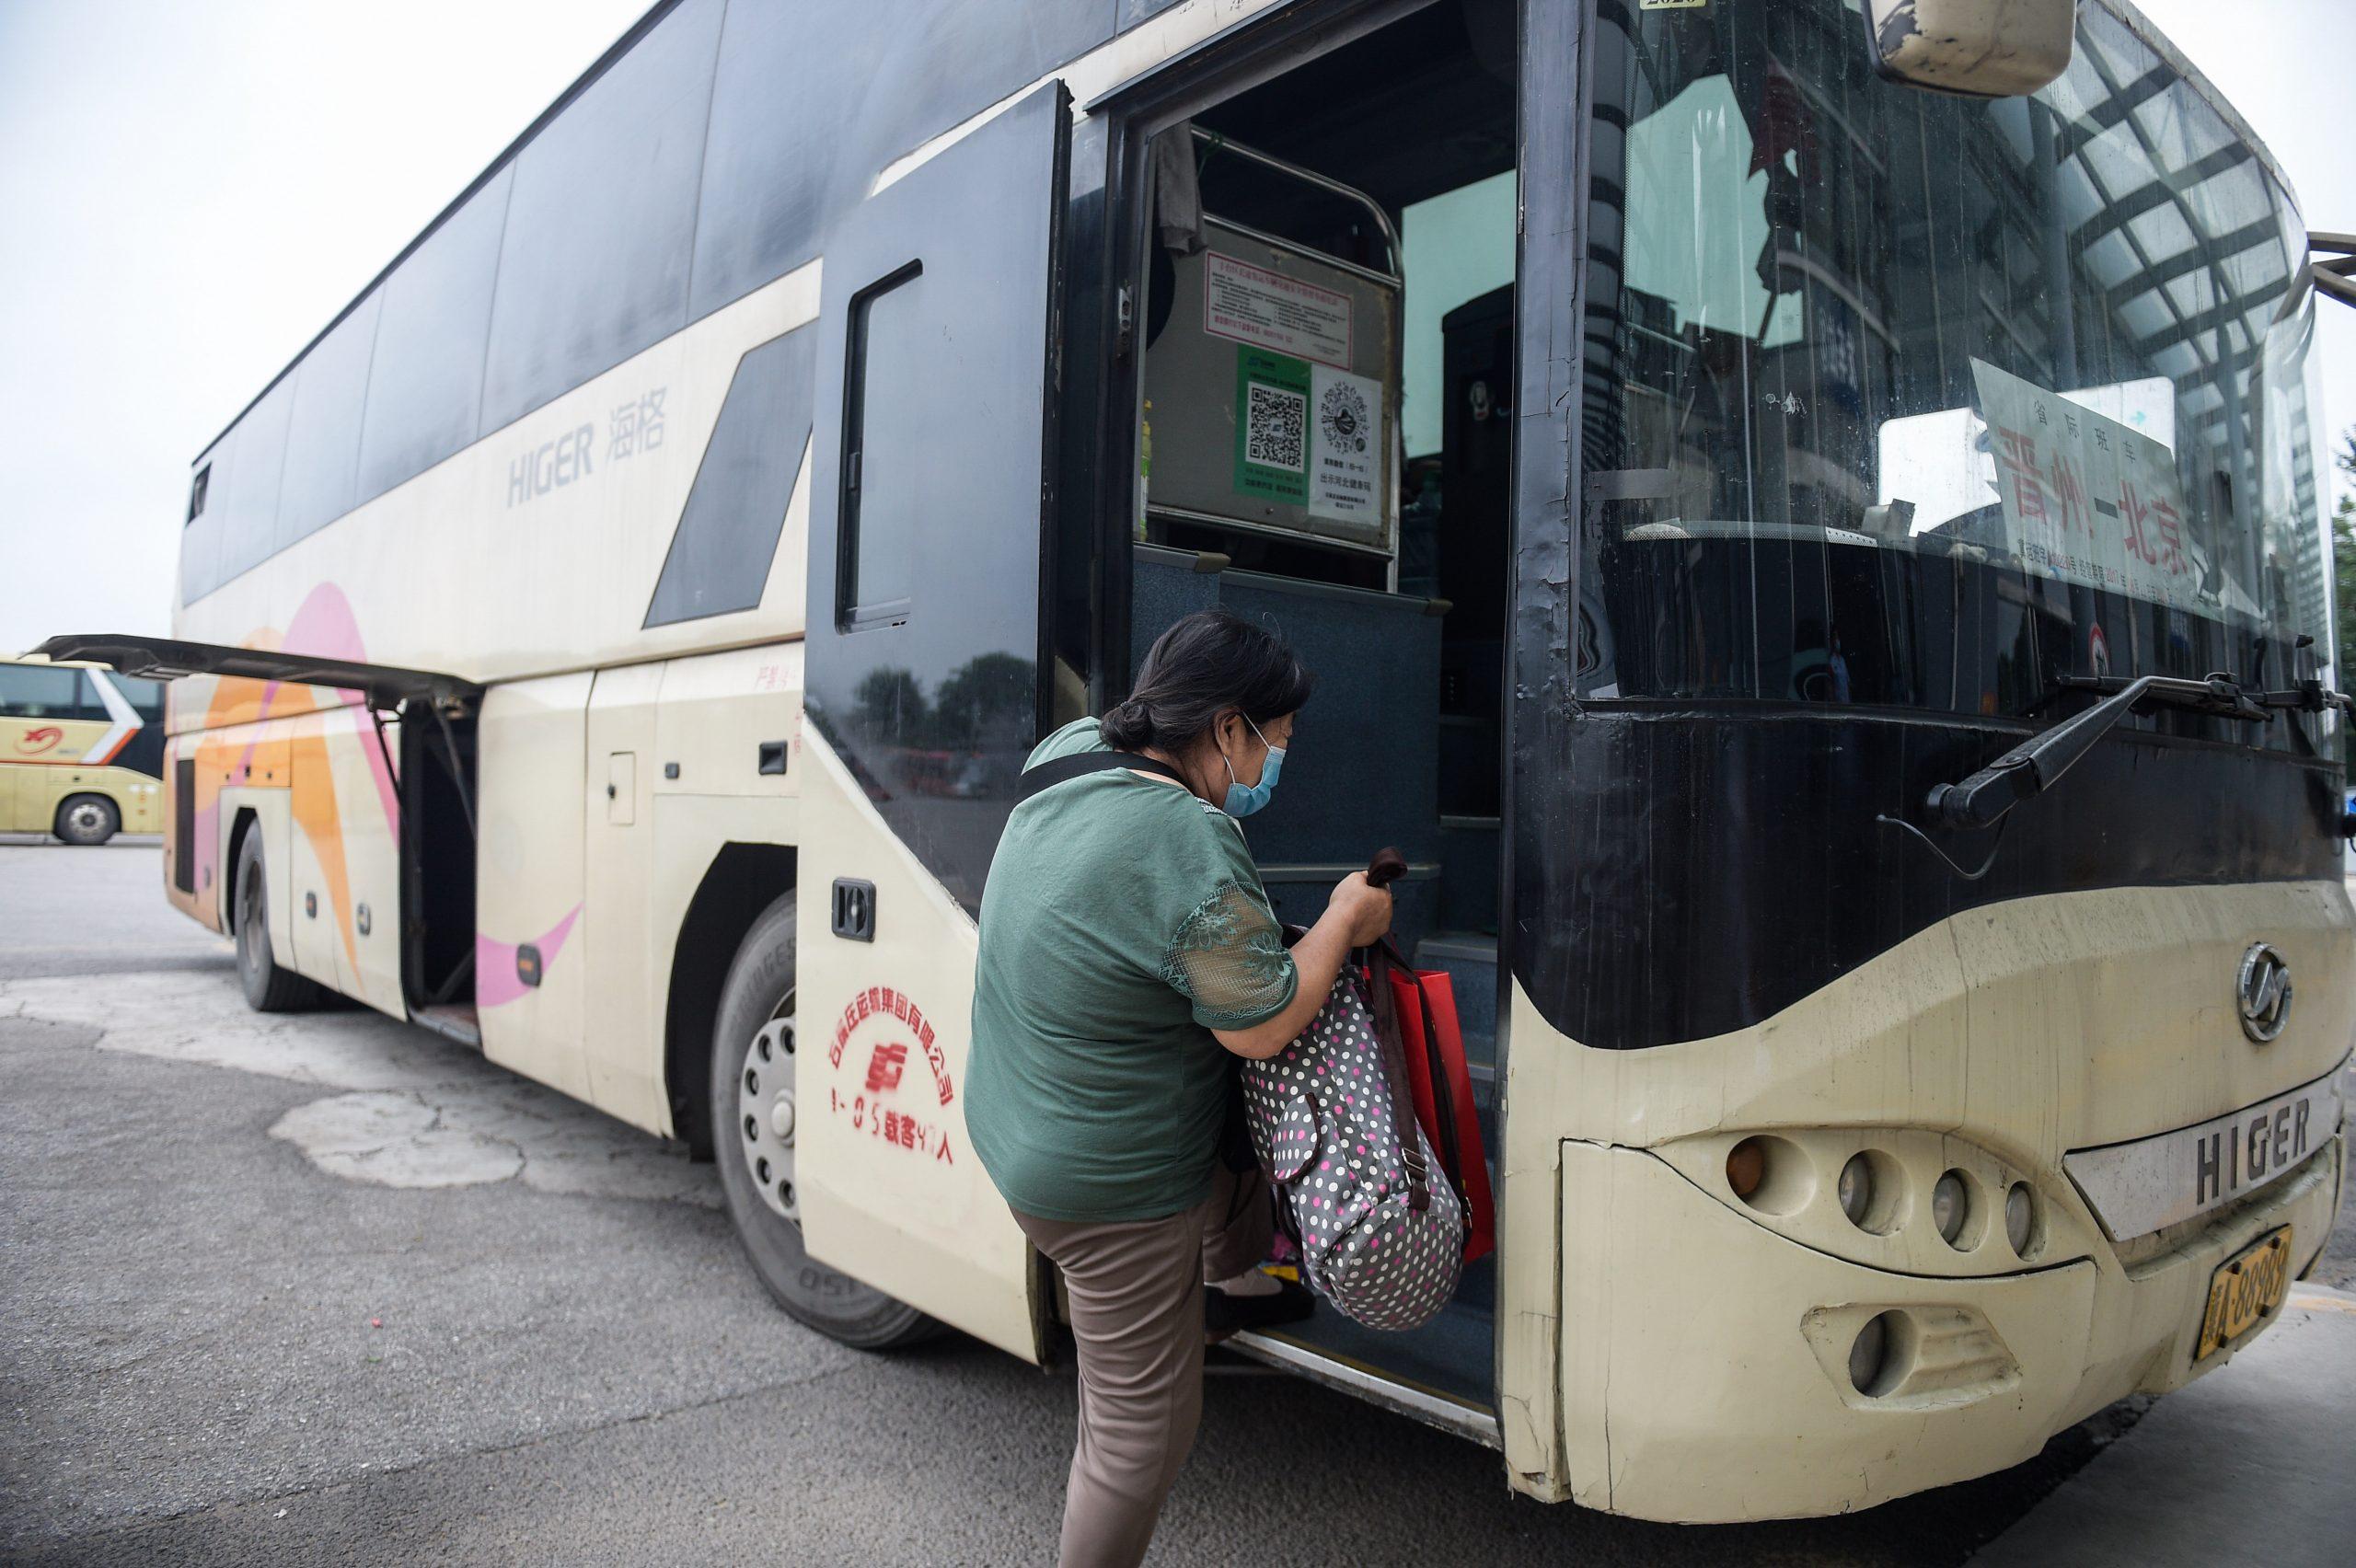 China registrará intenso tránsito en carreteras durante vacaciones: Ministerio